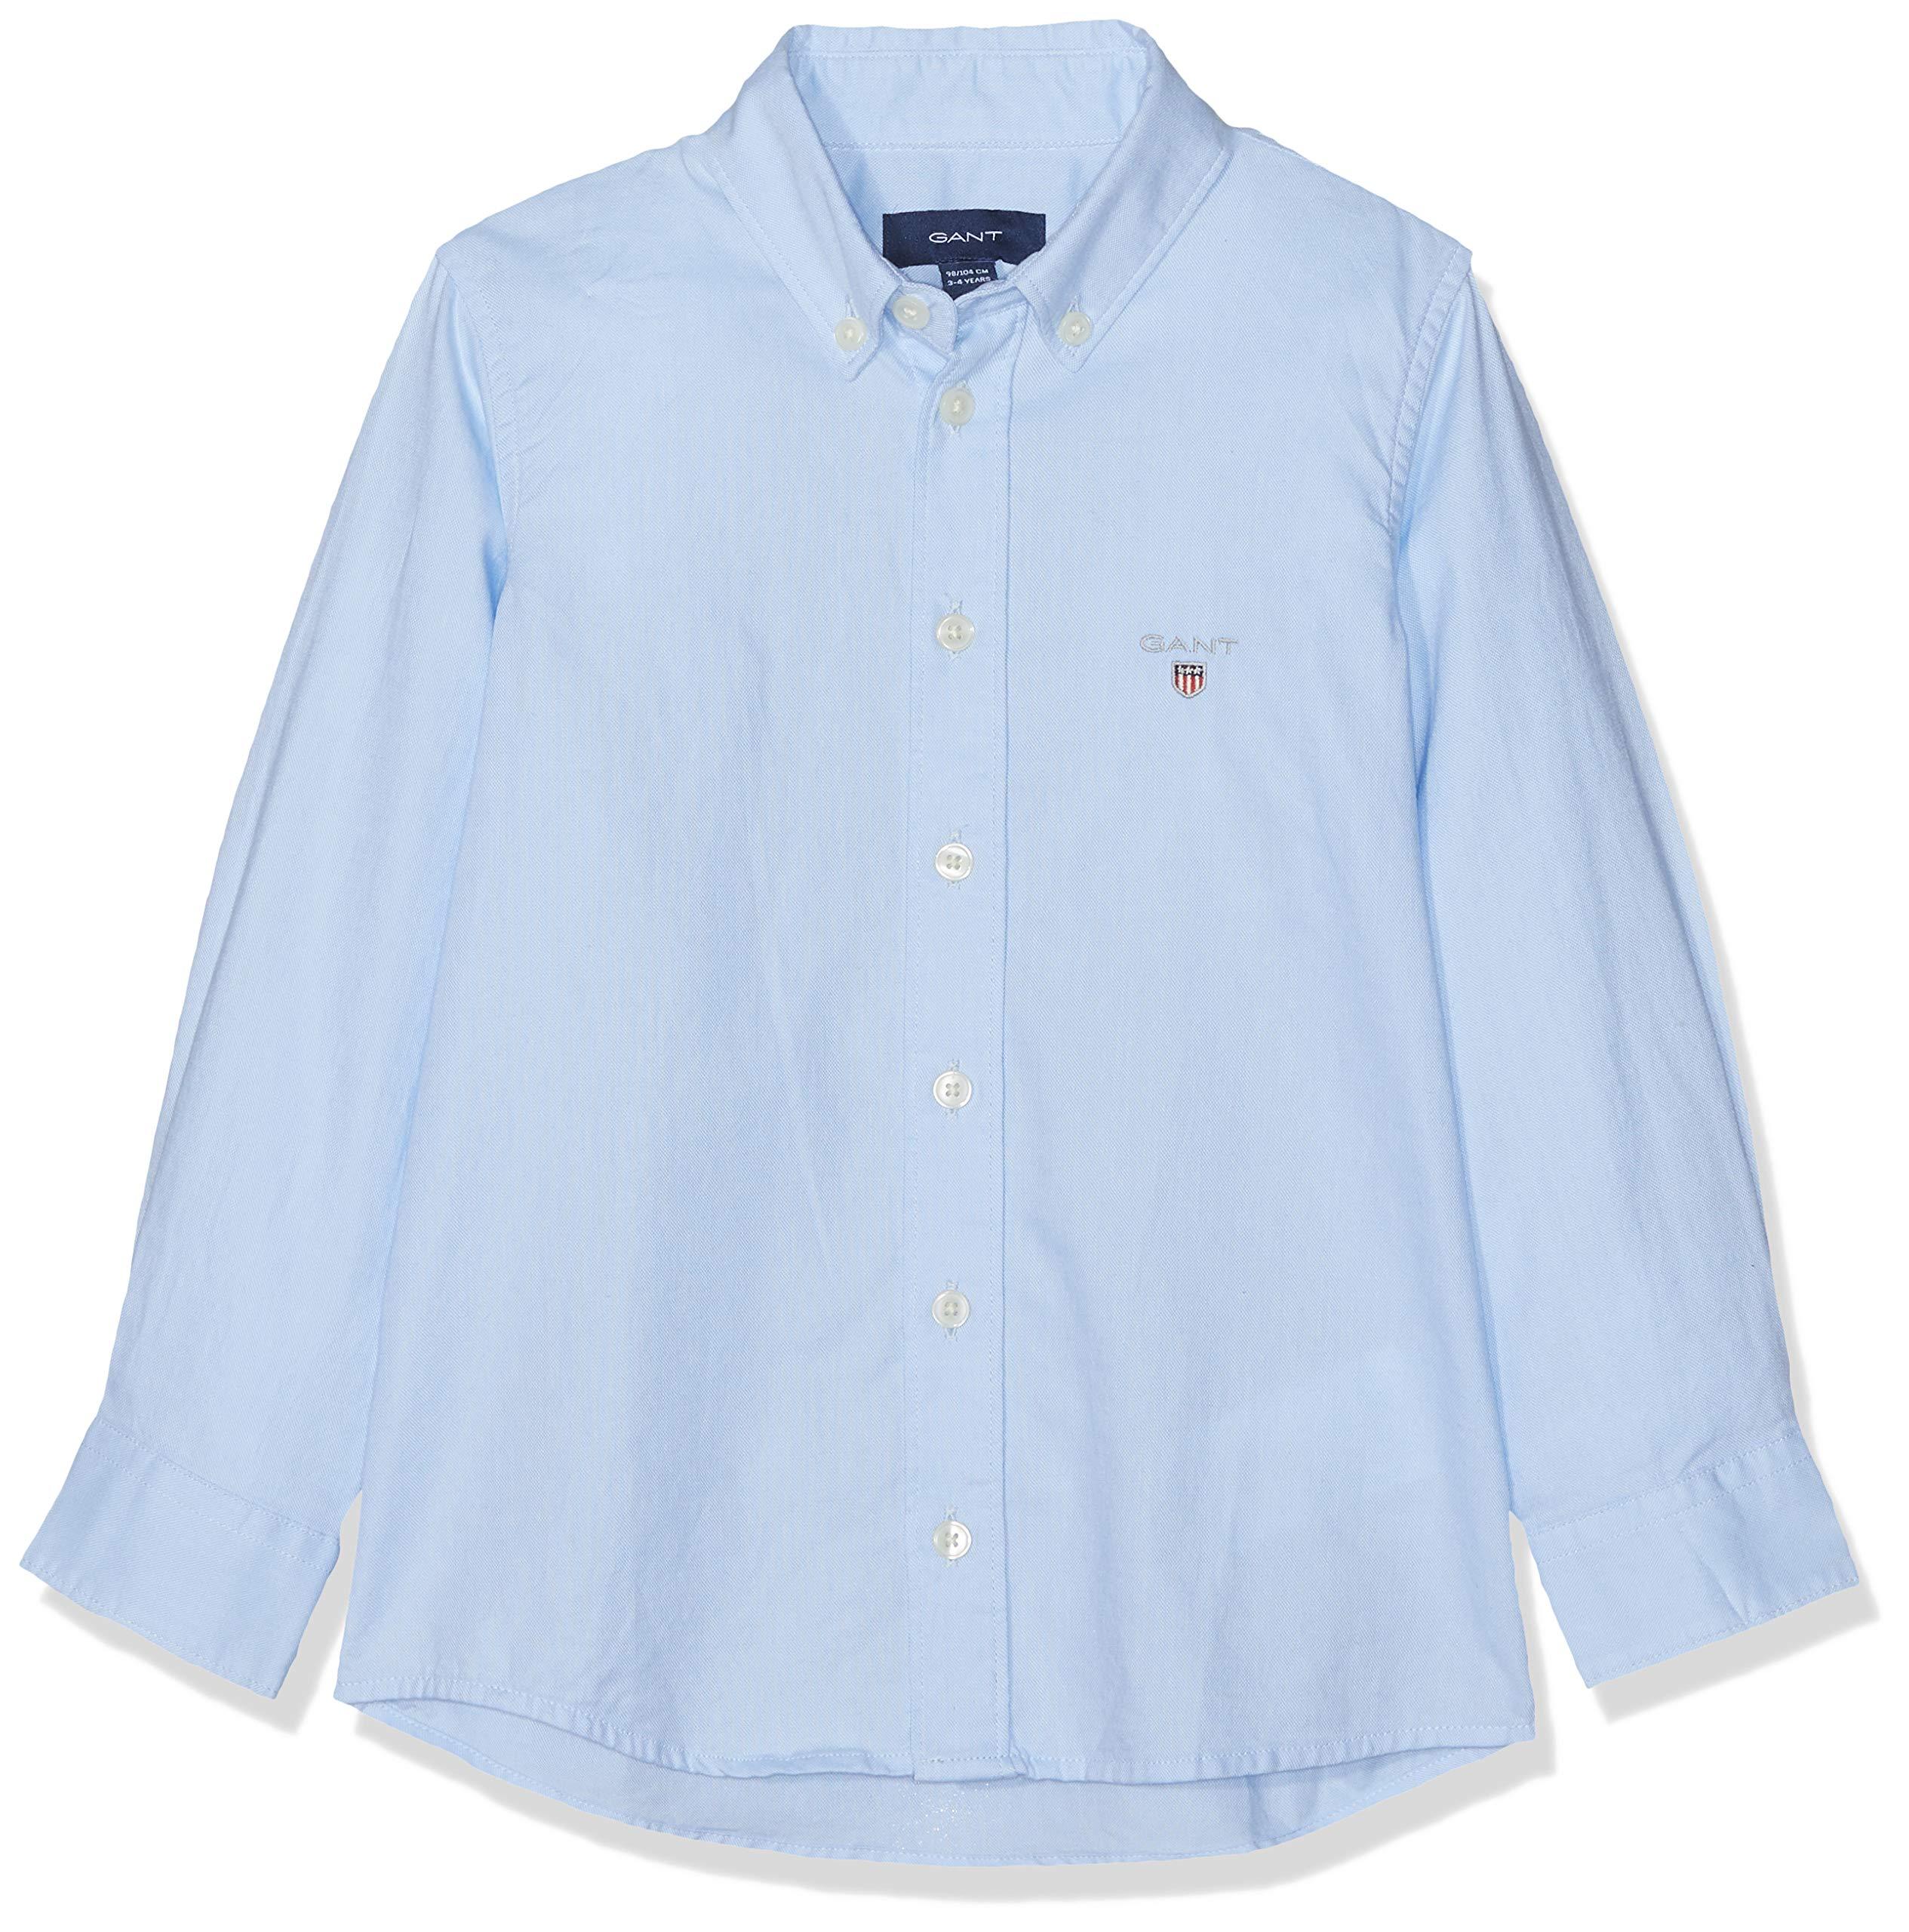 GANT D1. The Archive Oxford B.d. Shirt Blusa, Azul (Capri Blue 468), 104 (Talla del Fabricante: 98/104) para Bebés 1